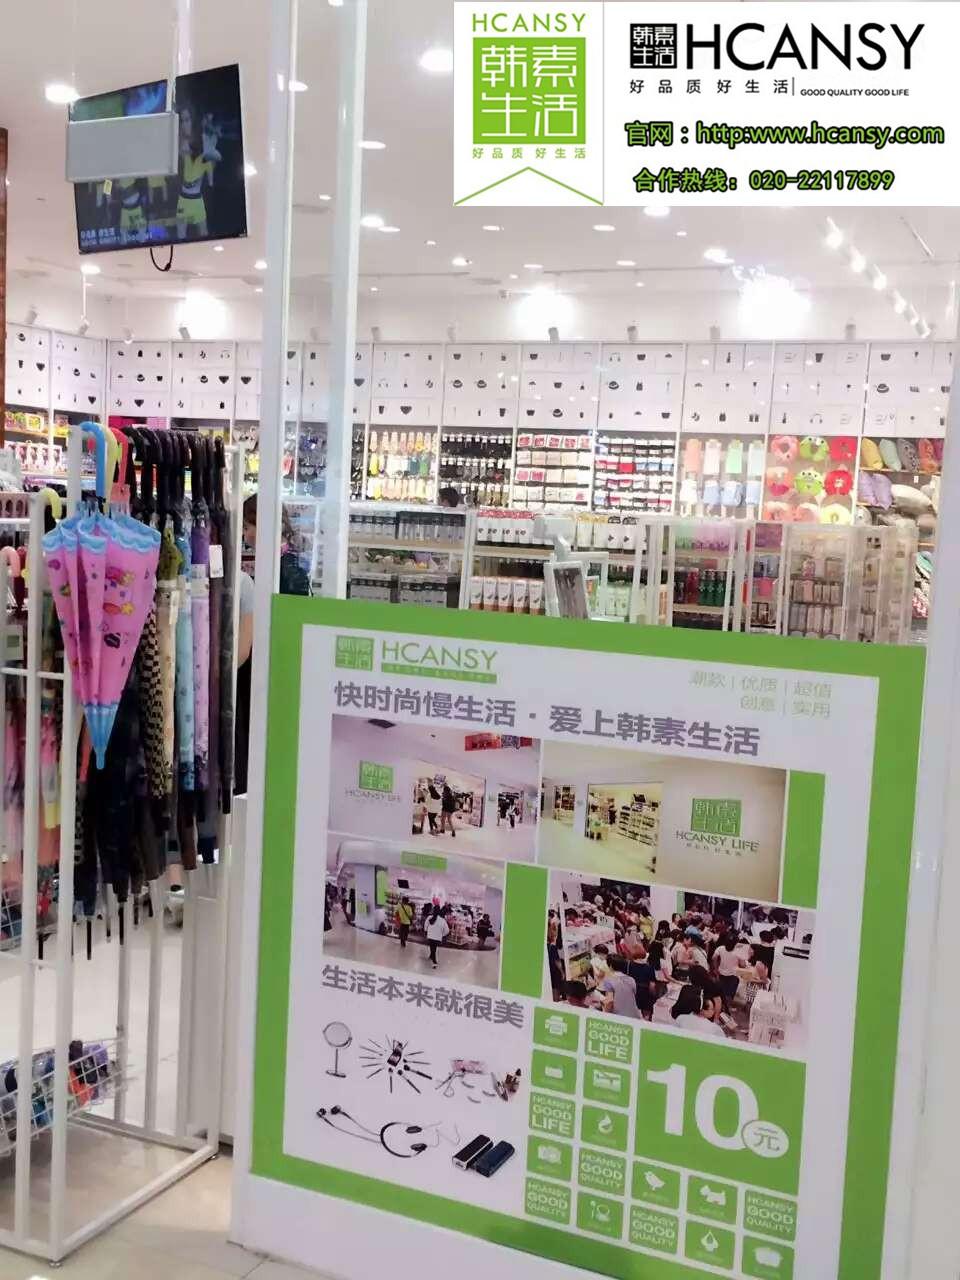 广州韩素生活时尚百货消费新选择